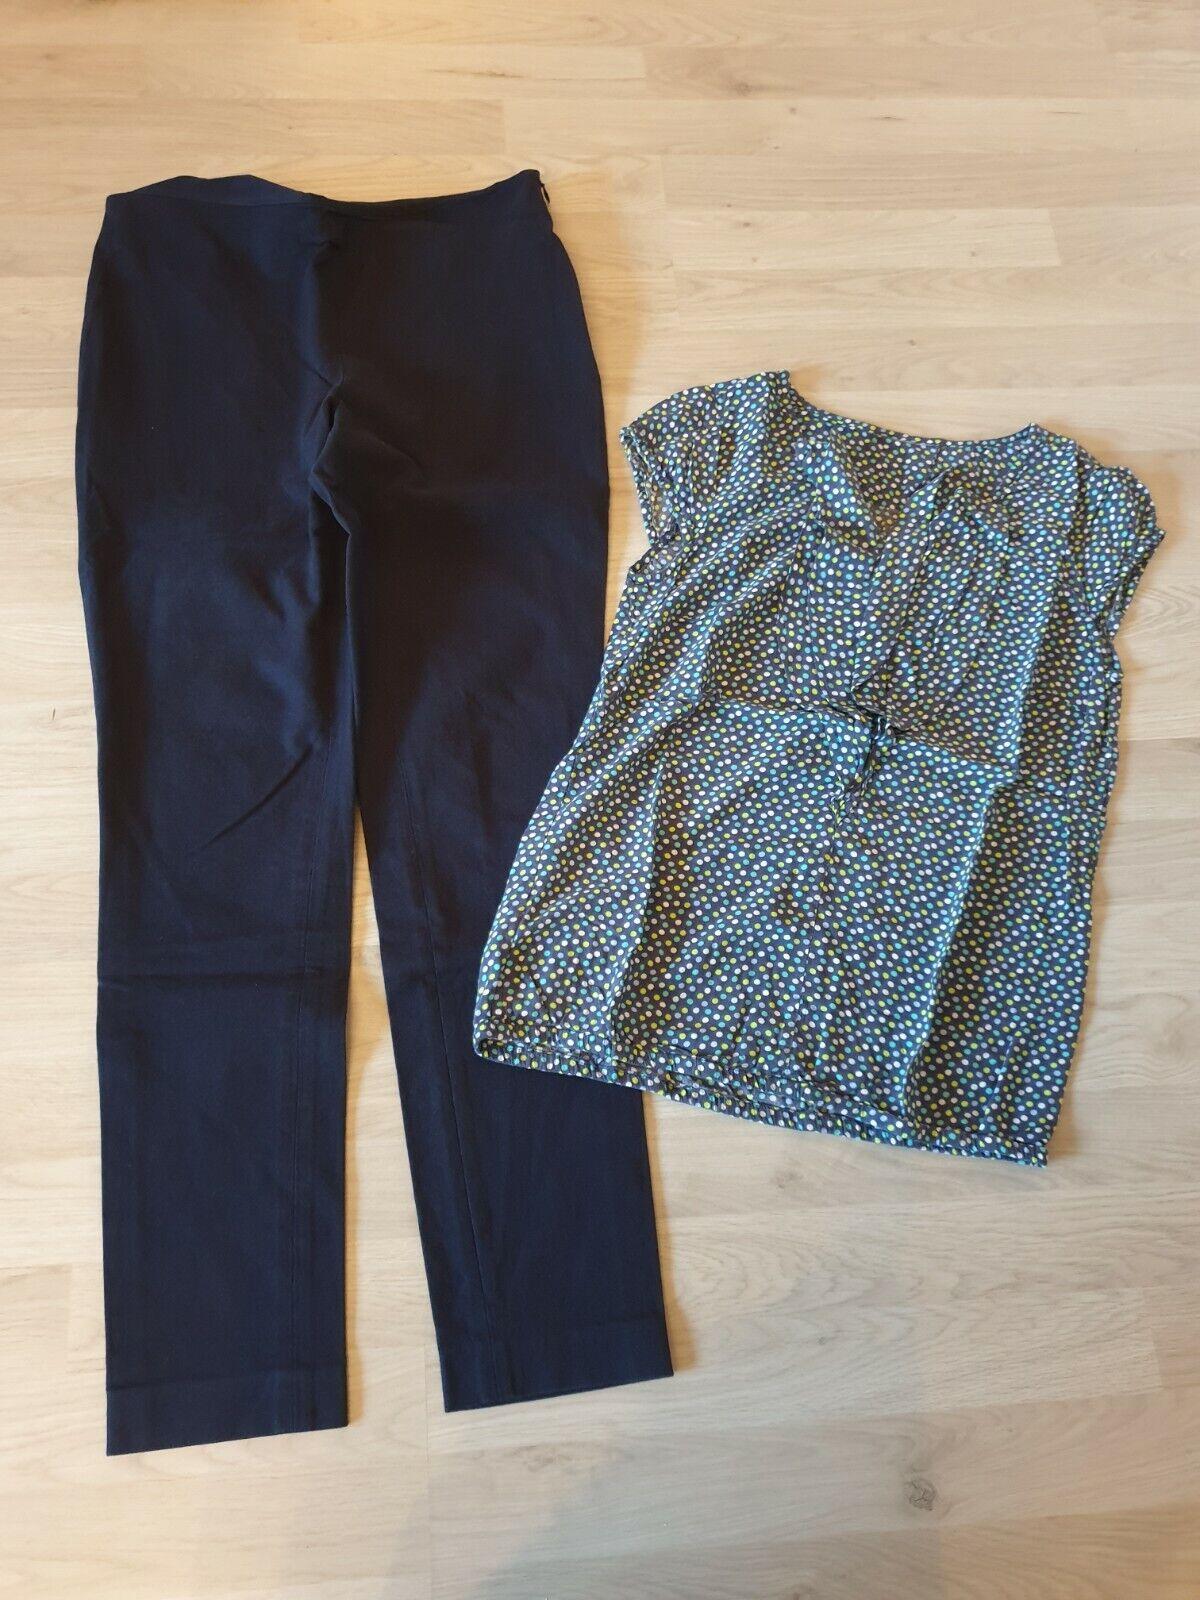 Damen Paket Set = Freizeit Hose dunkelblau + Shirt / Top gepunktet Gr. S / M